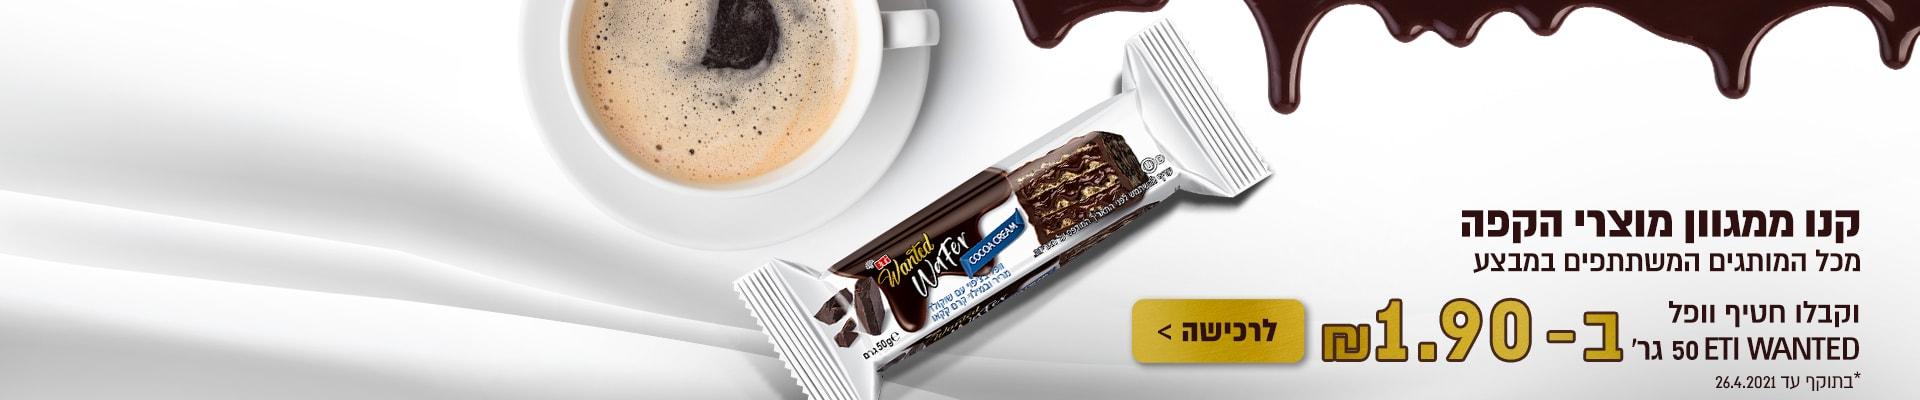 קנו ממגוון מוצרי הקפה מכל המותגים המשתתפים במבצע וקבלו חטיף וופל ETI WANTED 50 גר' ב- 1.90 ₪ לרכישה בתוקף עד 26.4.2021